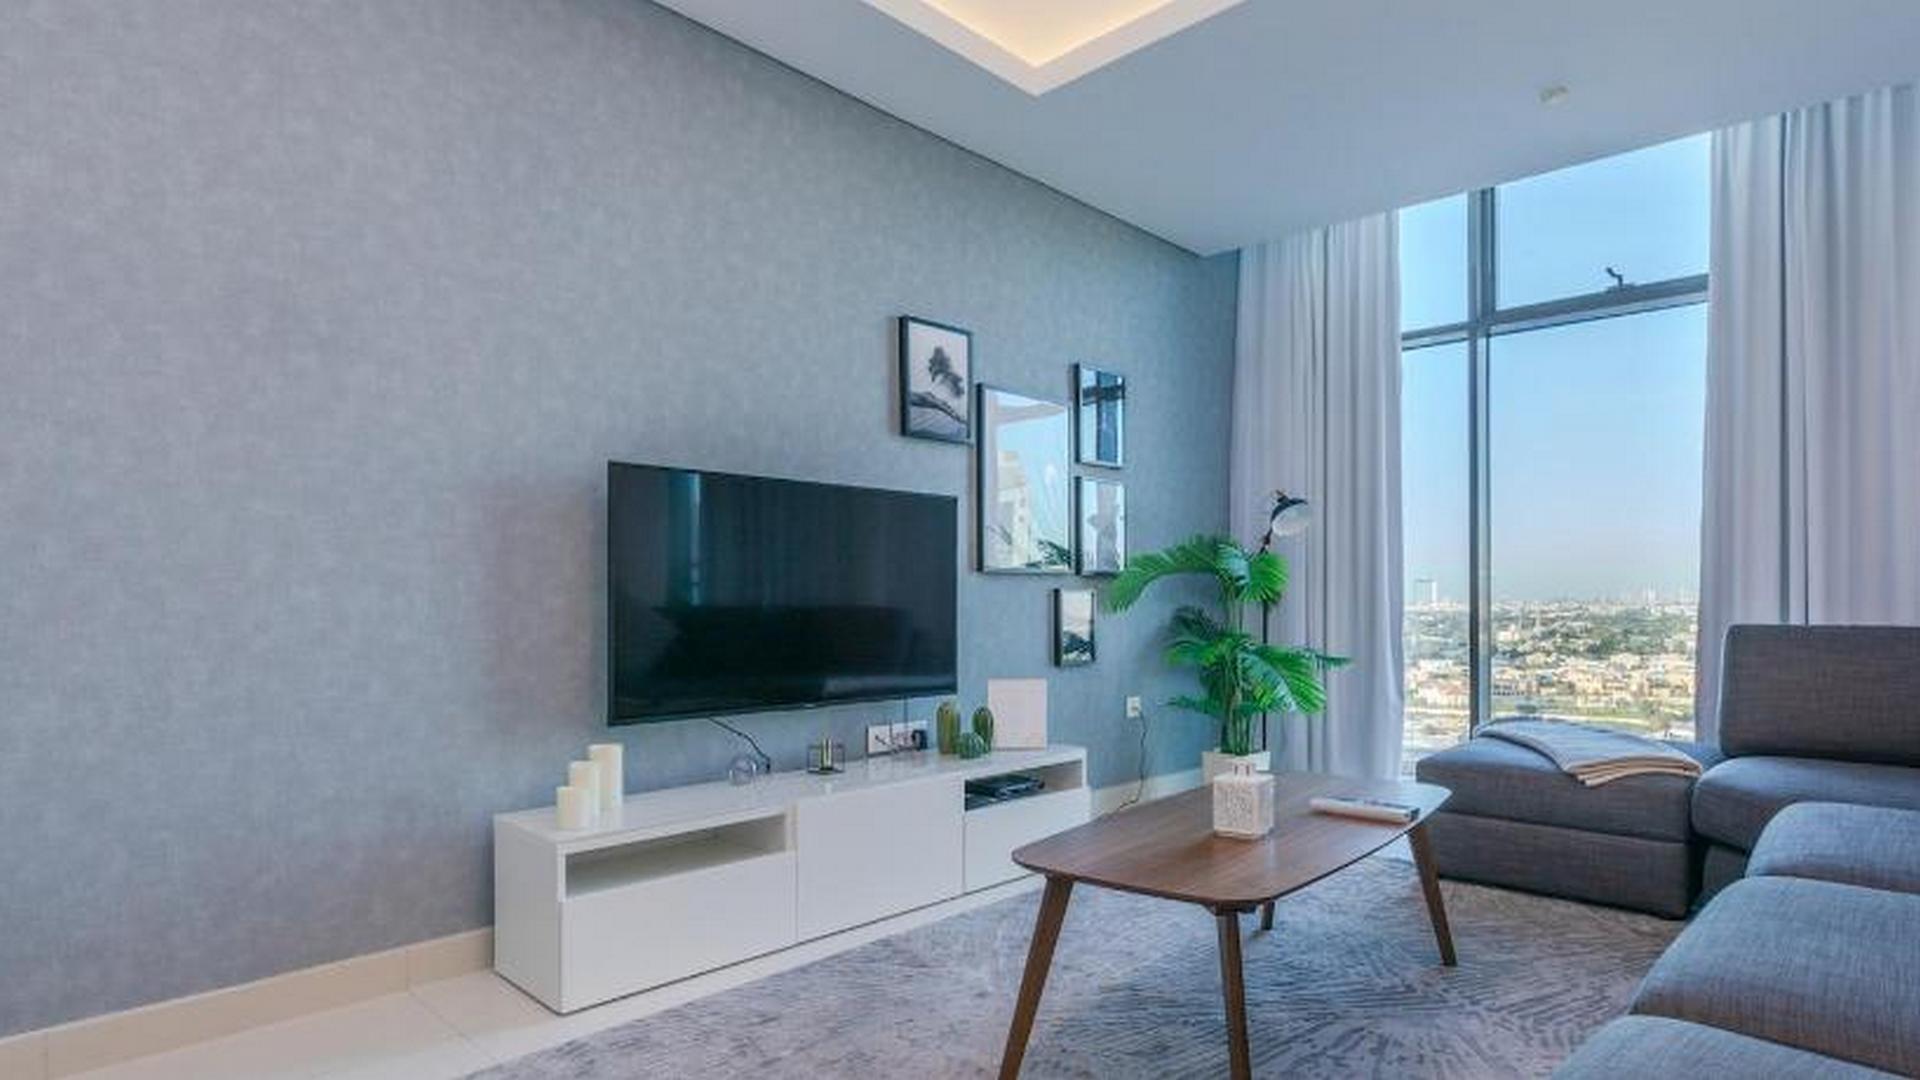 Apartamento en venta en Dubai, EAU, 1 dormitorio, 105 m2, № 24651 – foto 1